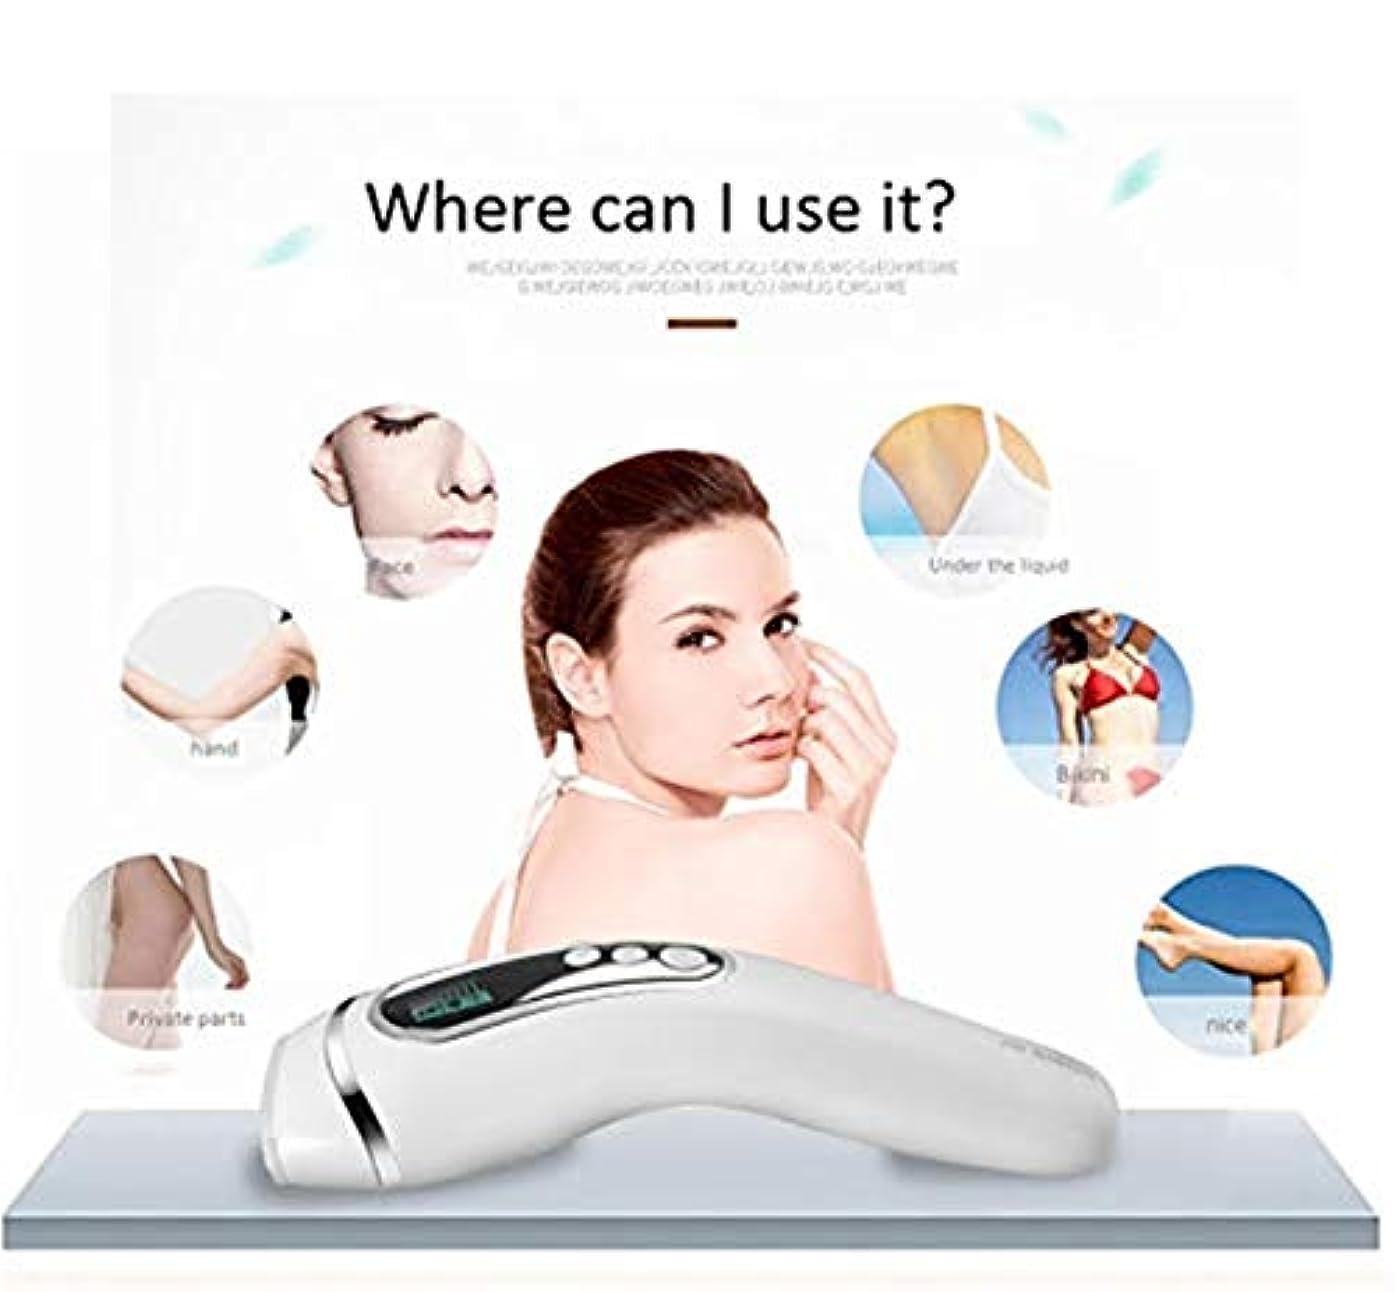 子羊優勢工業用化粧用品 レーザー脱毛デバイスのホーム美容室フルボディシェービング無痛エレクトリックユニセックス